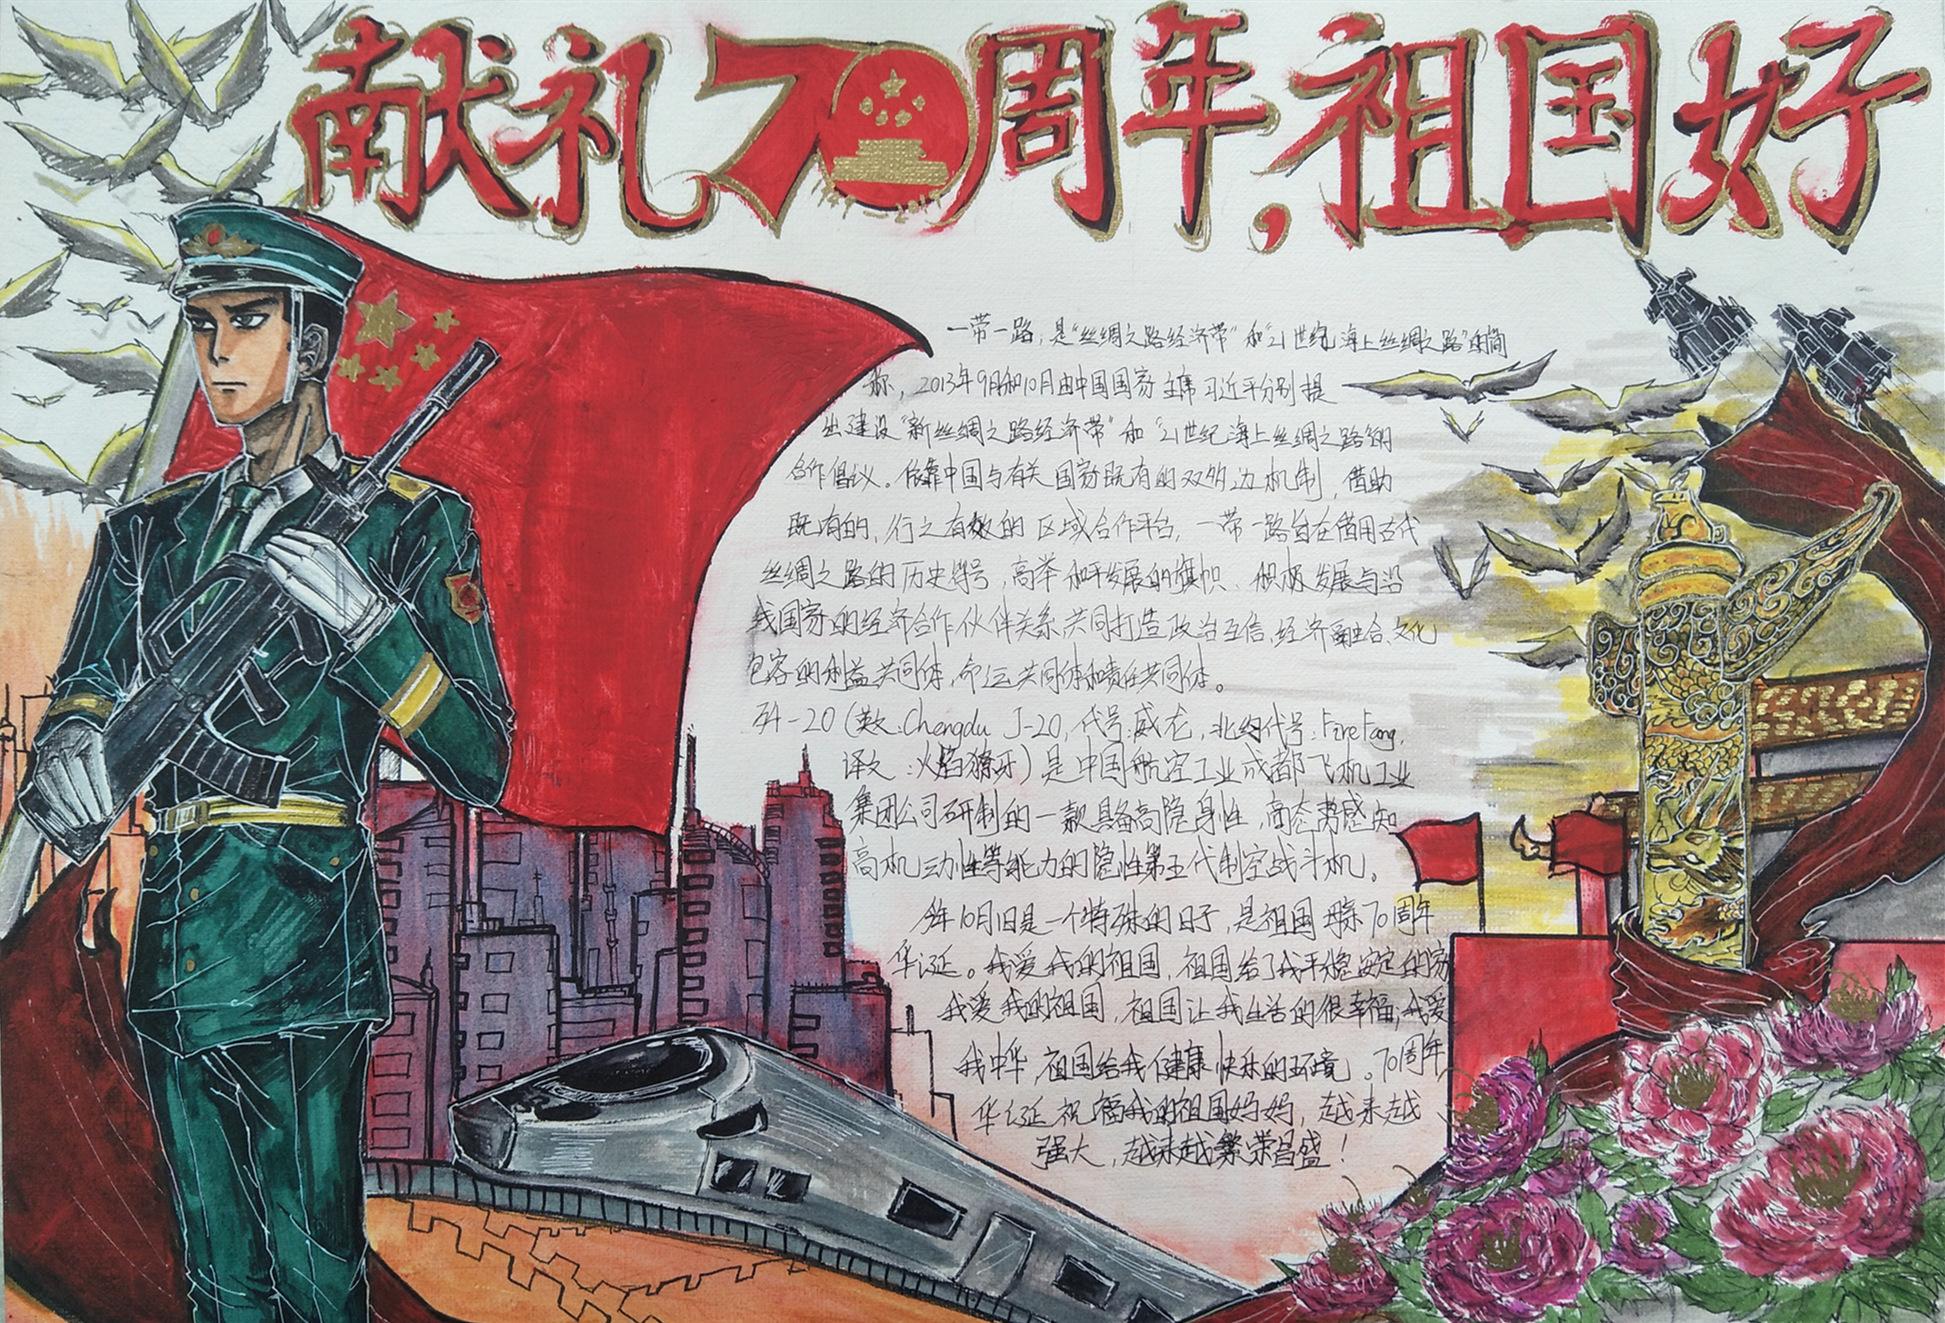 青羊区-树德实验中学清波校区九年级21班-杨诗悦《献礼70周年——祖国好》